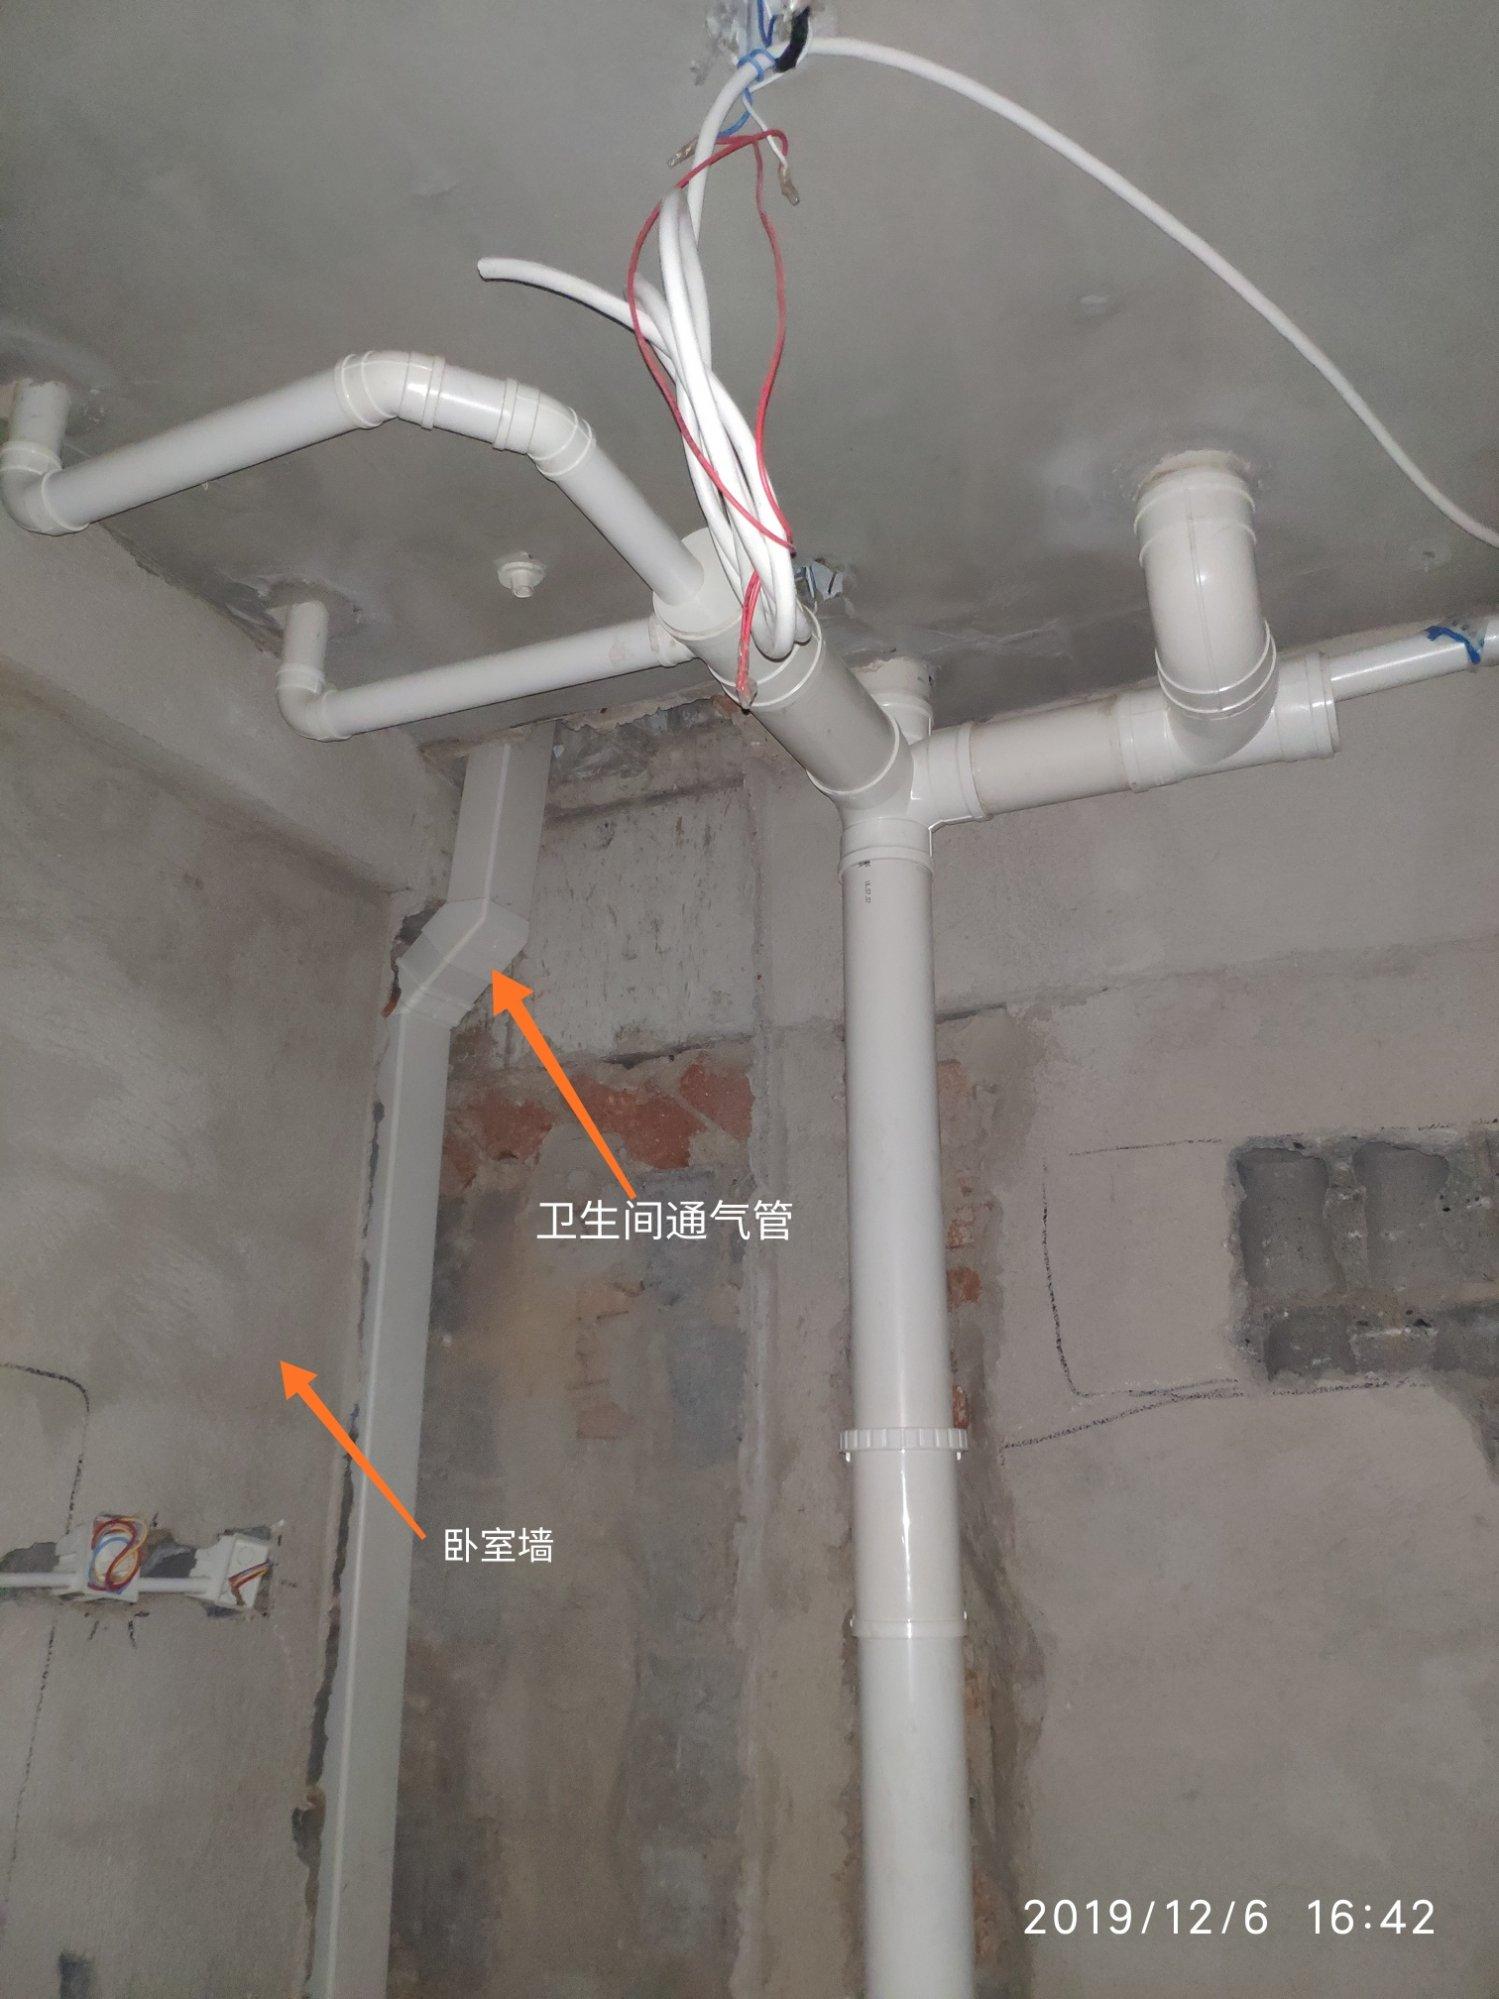 卫生间公共排风管道改造